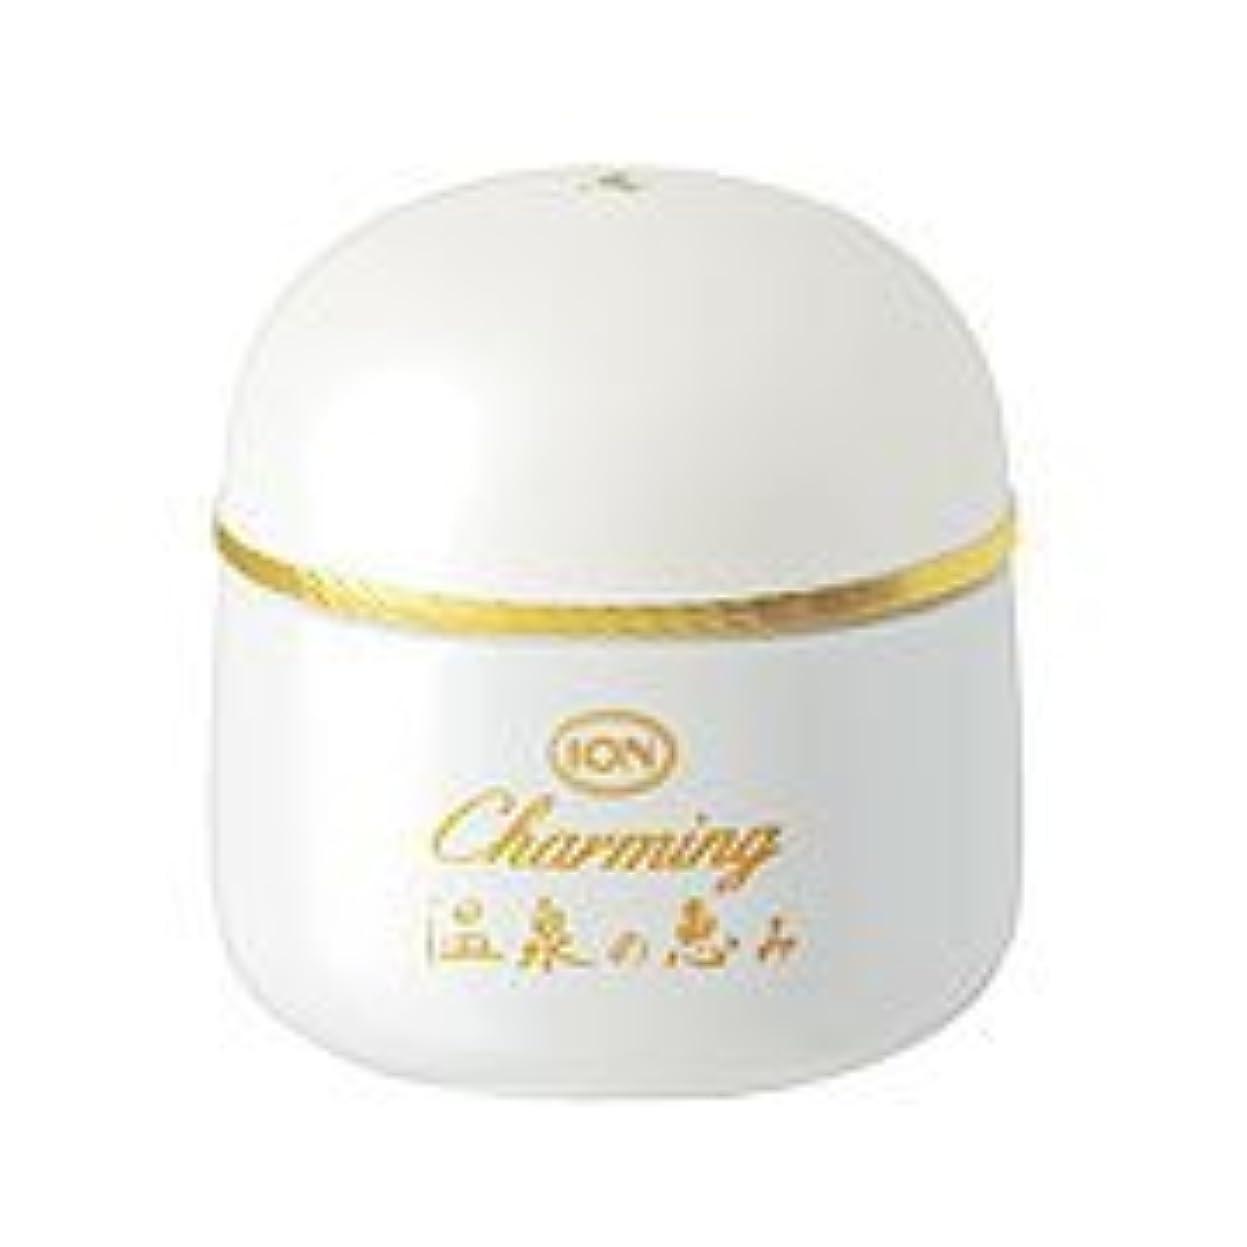 純度ポテト謝るイオン化粧品 チャーミングステージ 40g